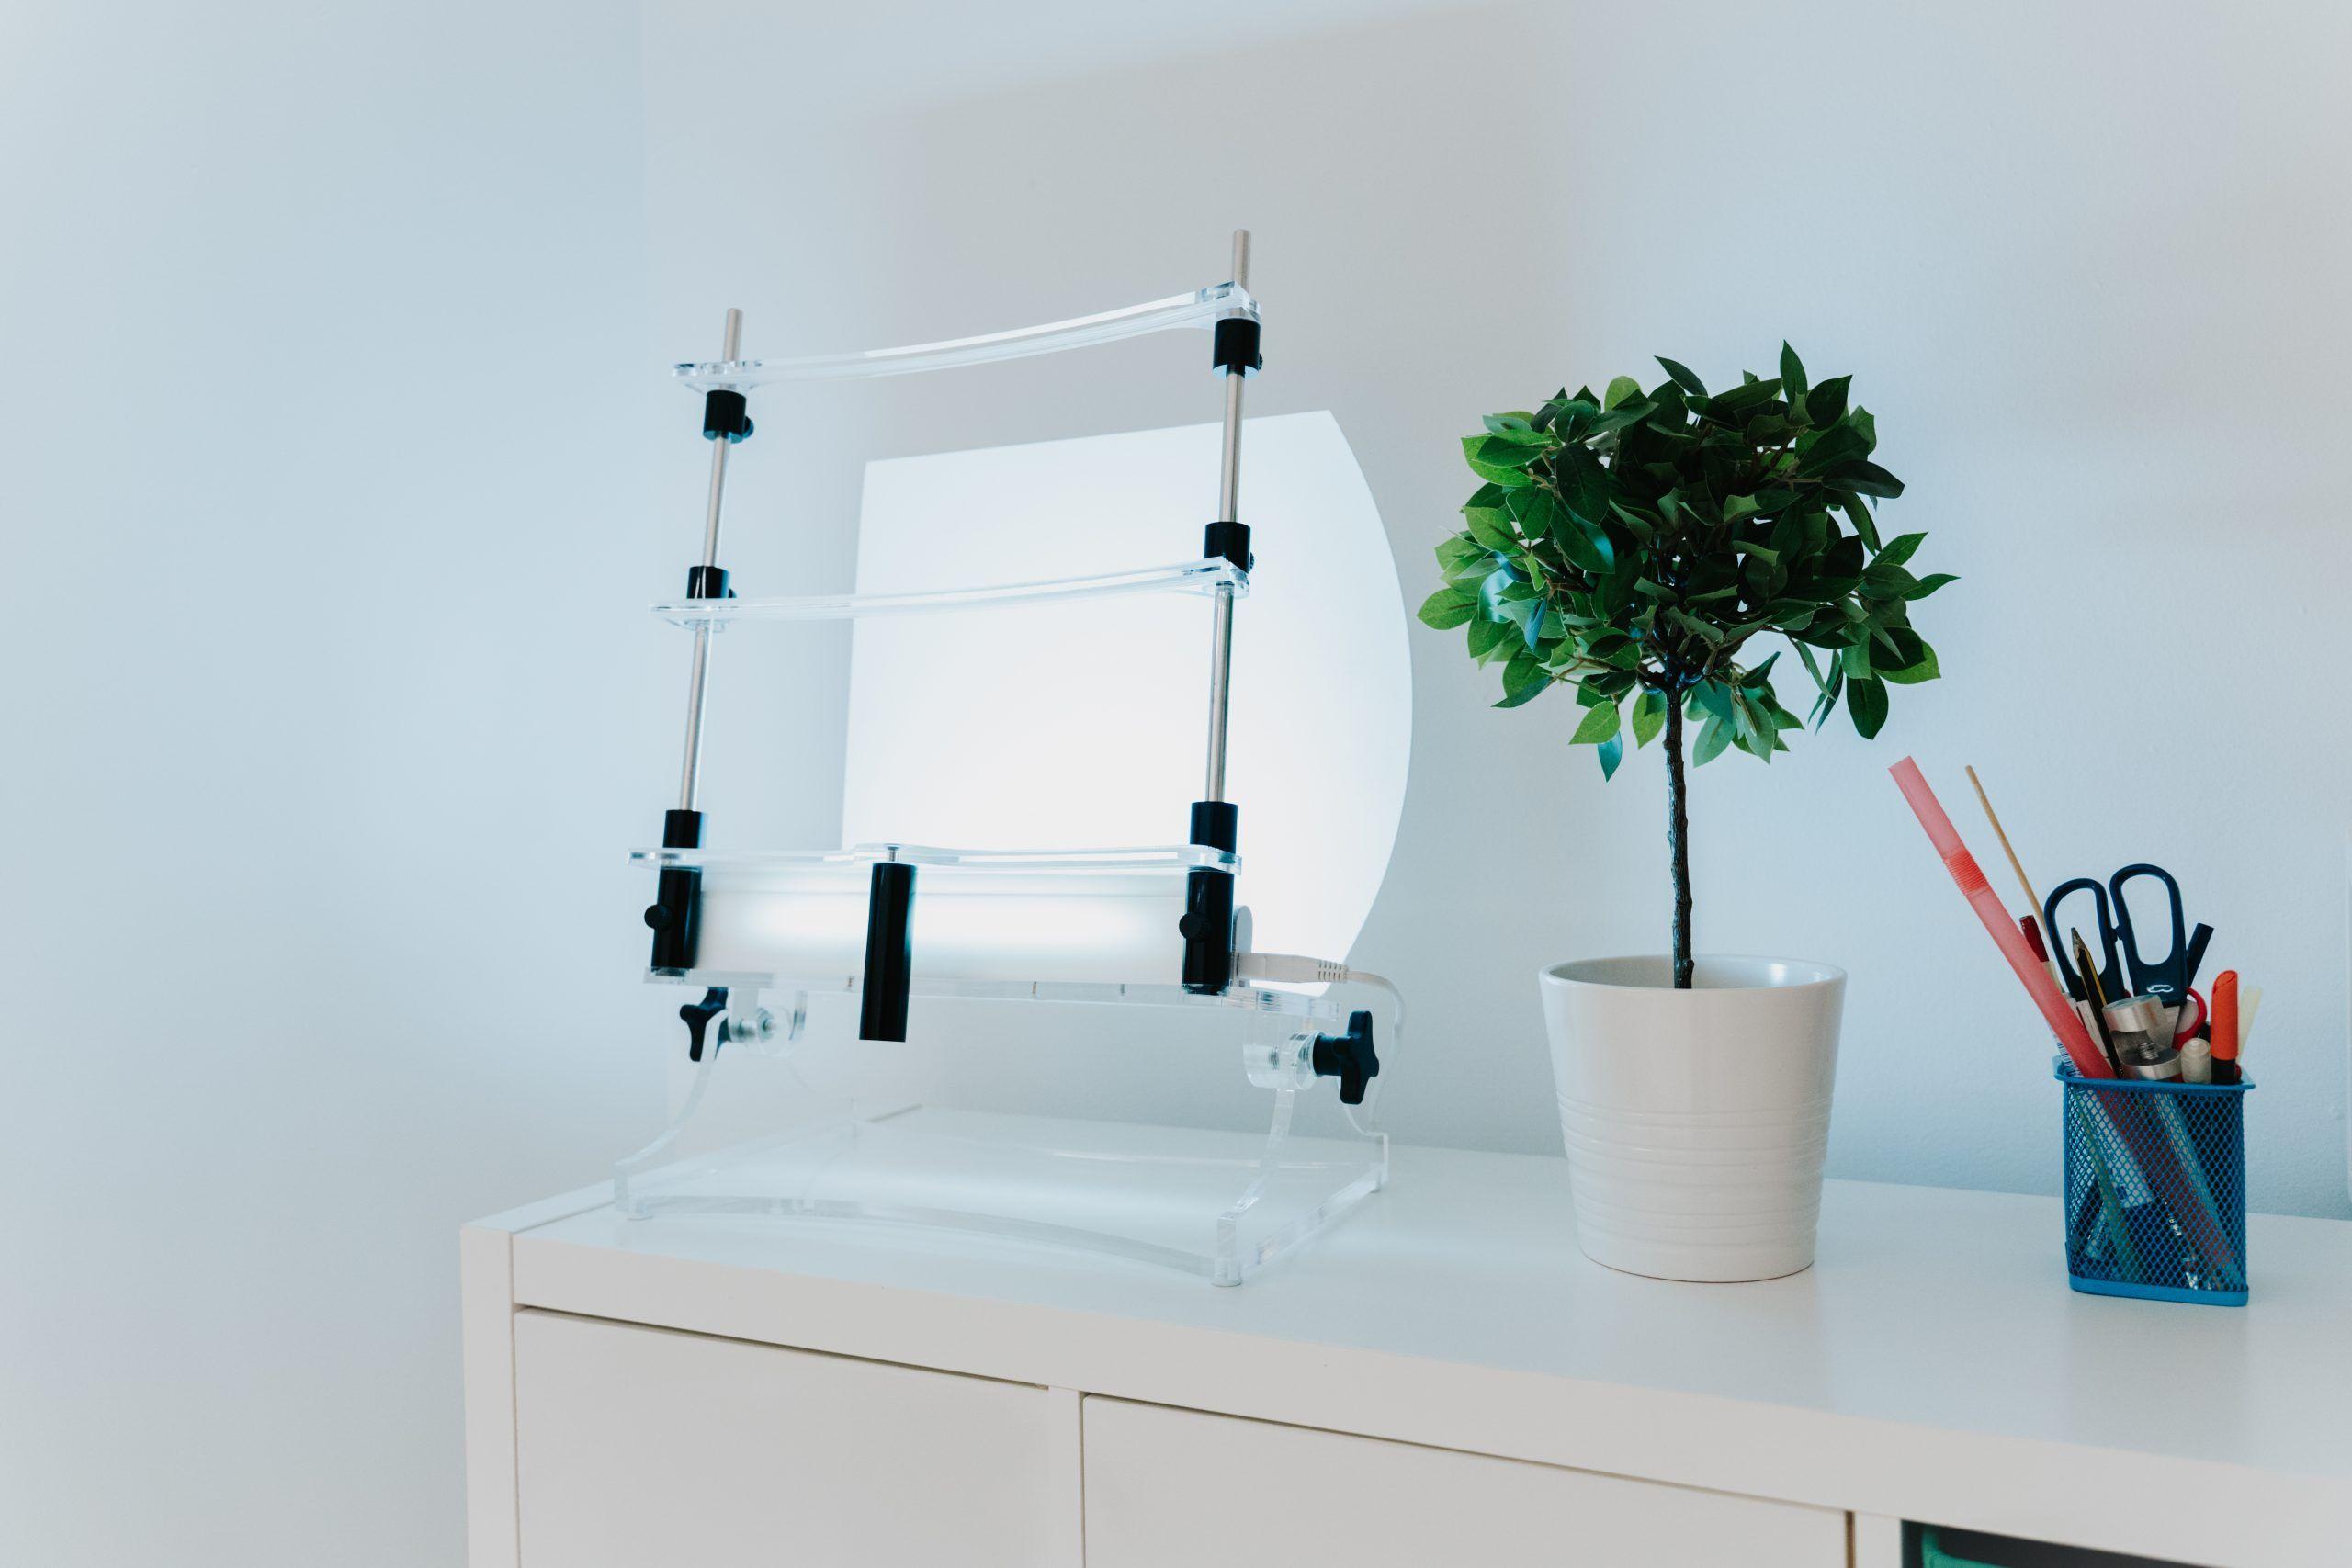 Educando tu mirada | Centro de optometría y terapia visual | Valencia |